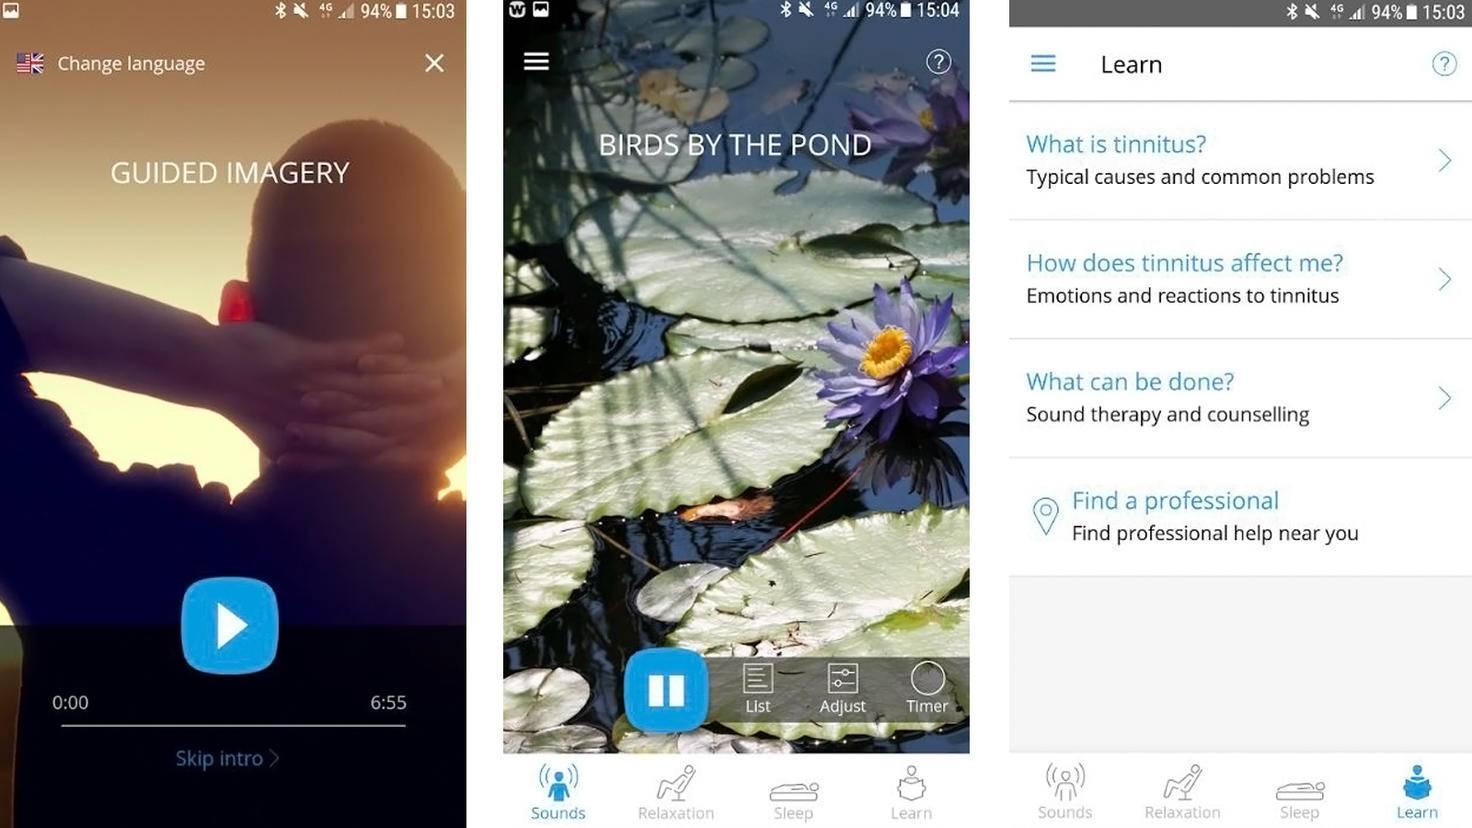 Application Widex Zen Tinnitus-Google Play Store-Widex AS